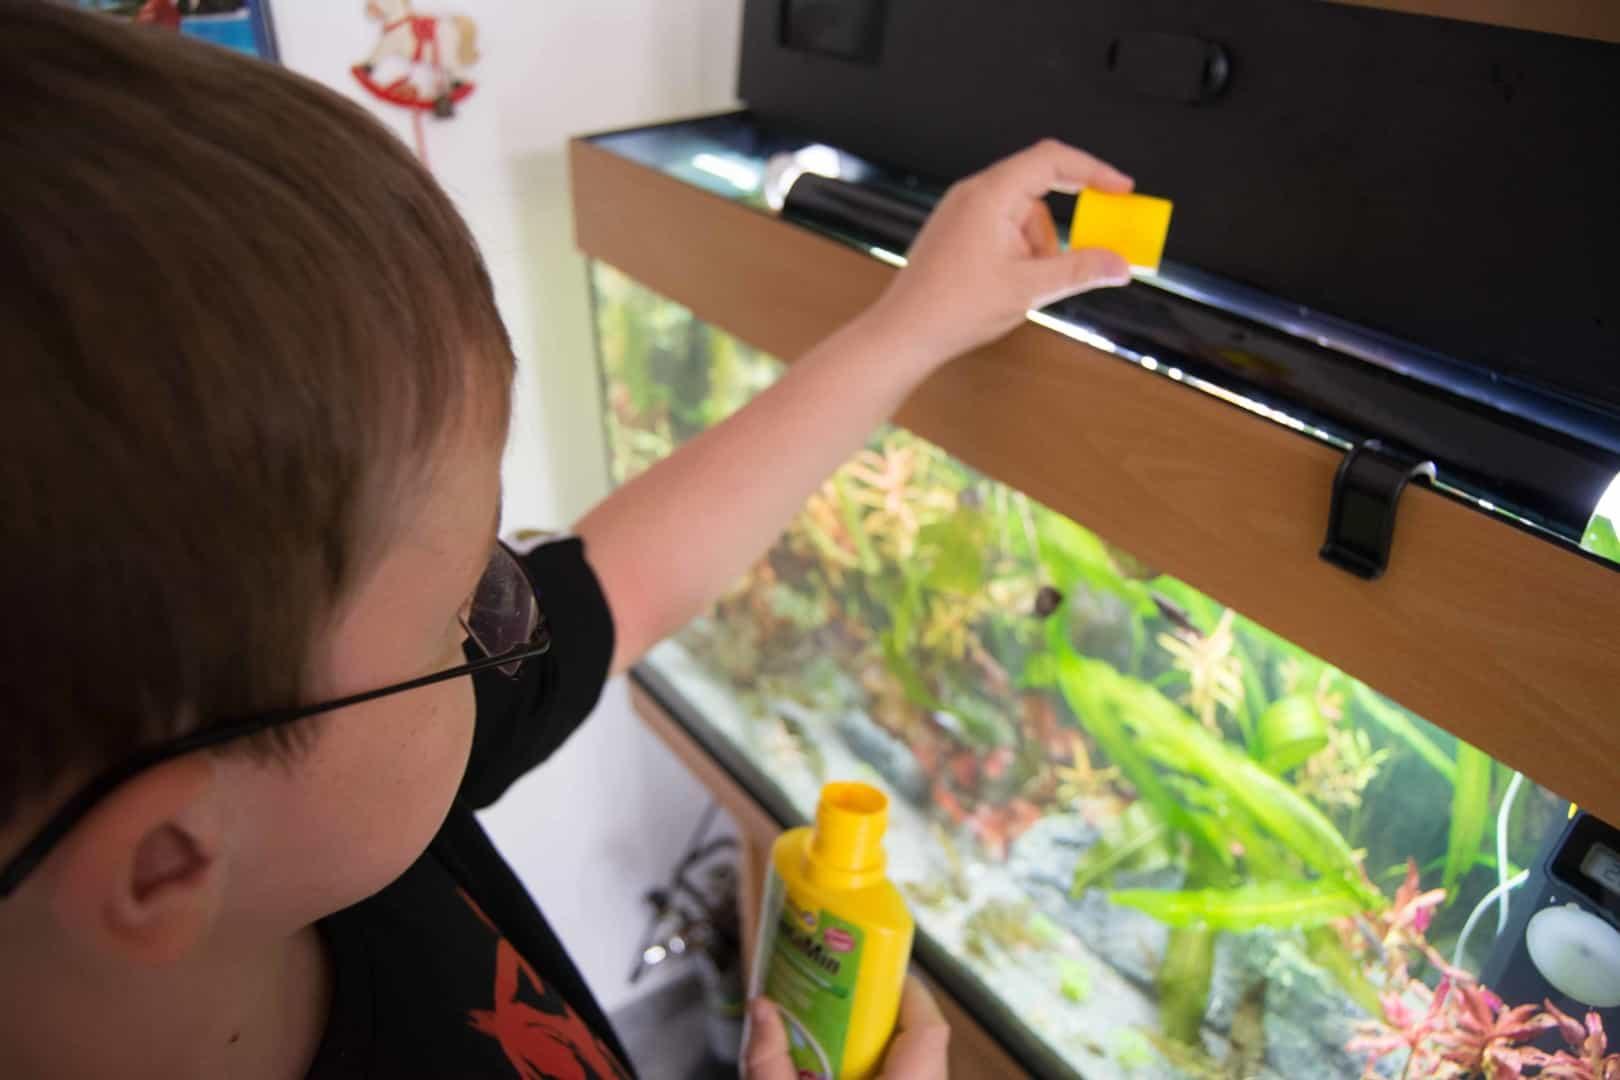 Pflanzenpflege - Dein kleiner Unterwassergarten 2